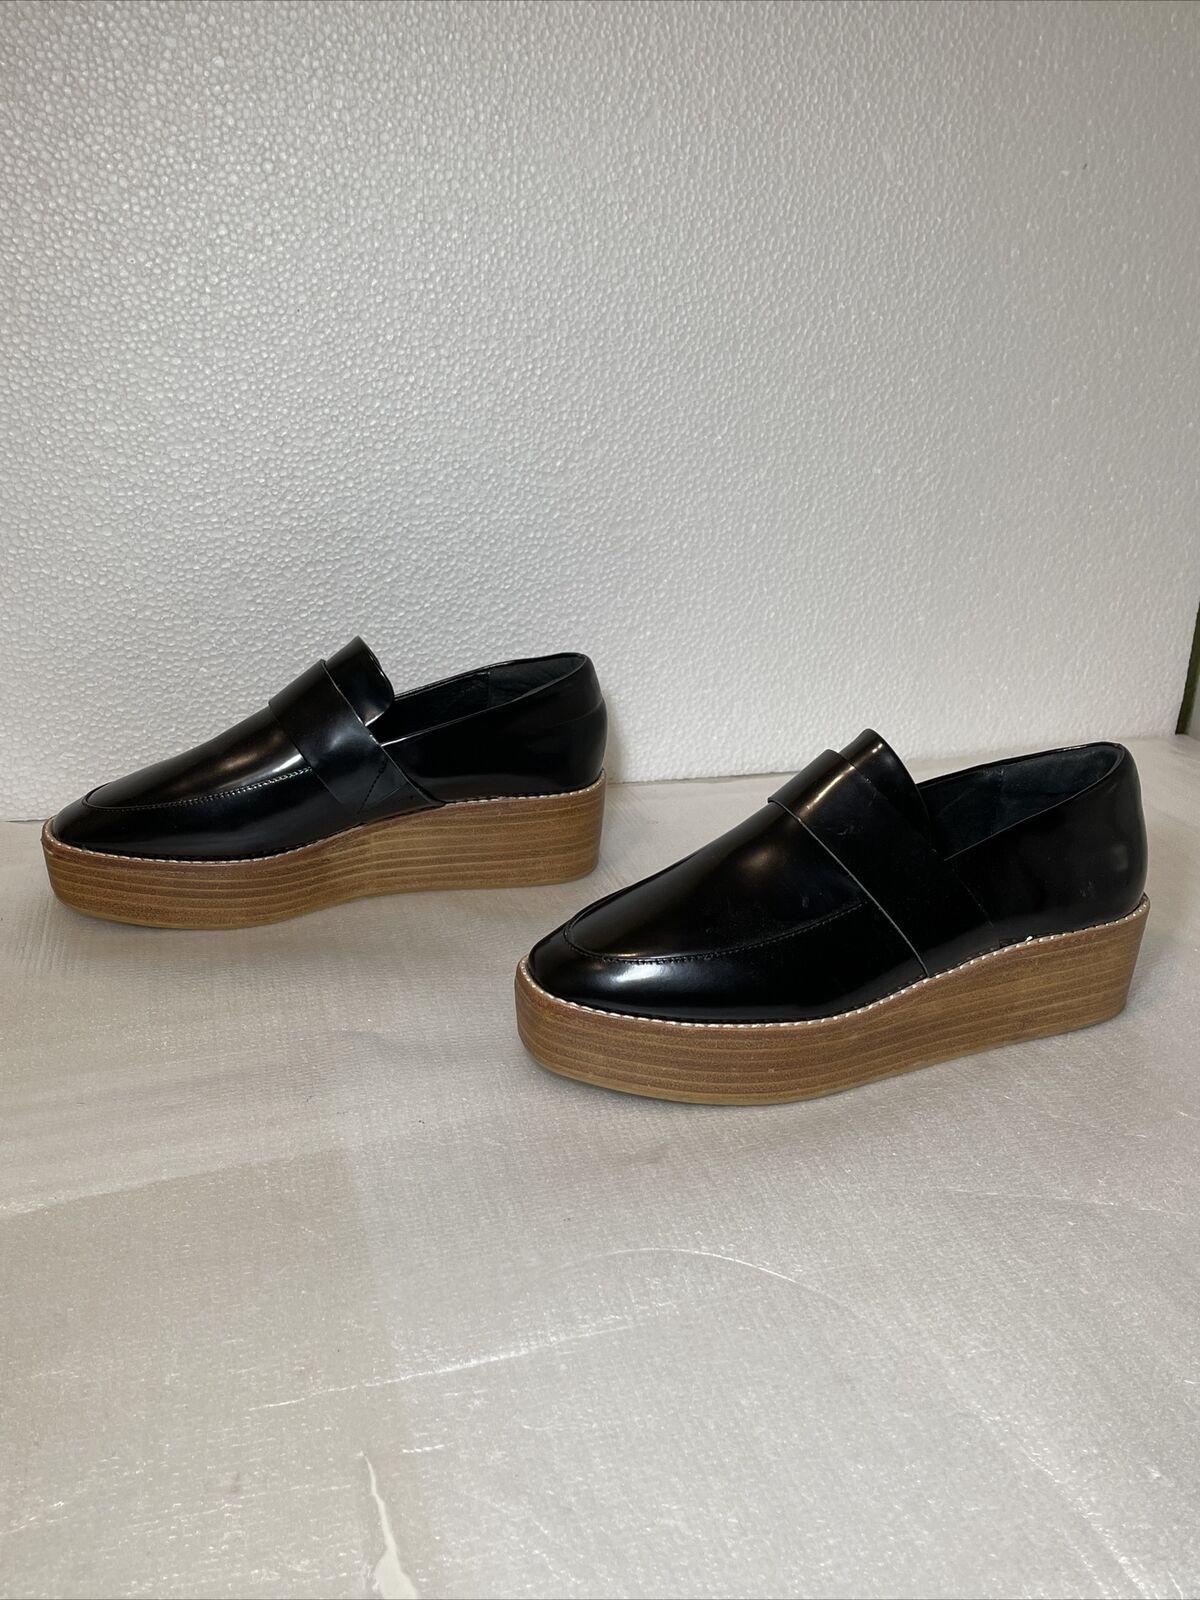 Sol Sana Anthro Platform Wood Sole Loafer Clog Size EU 38 US 7.5